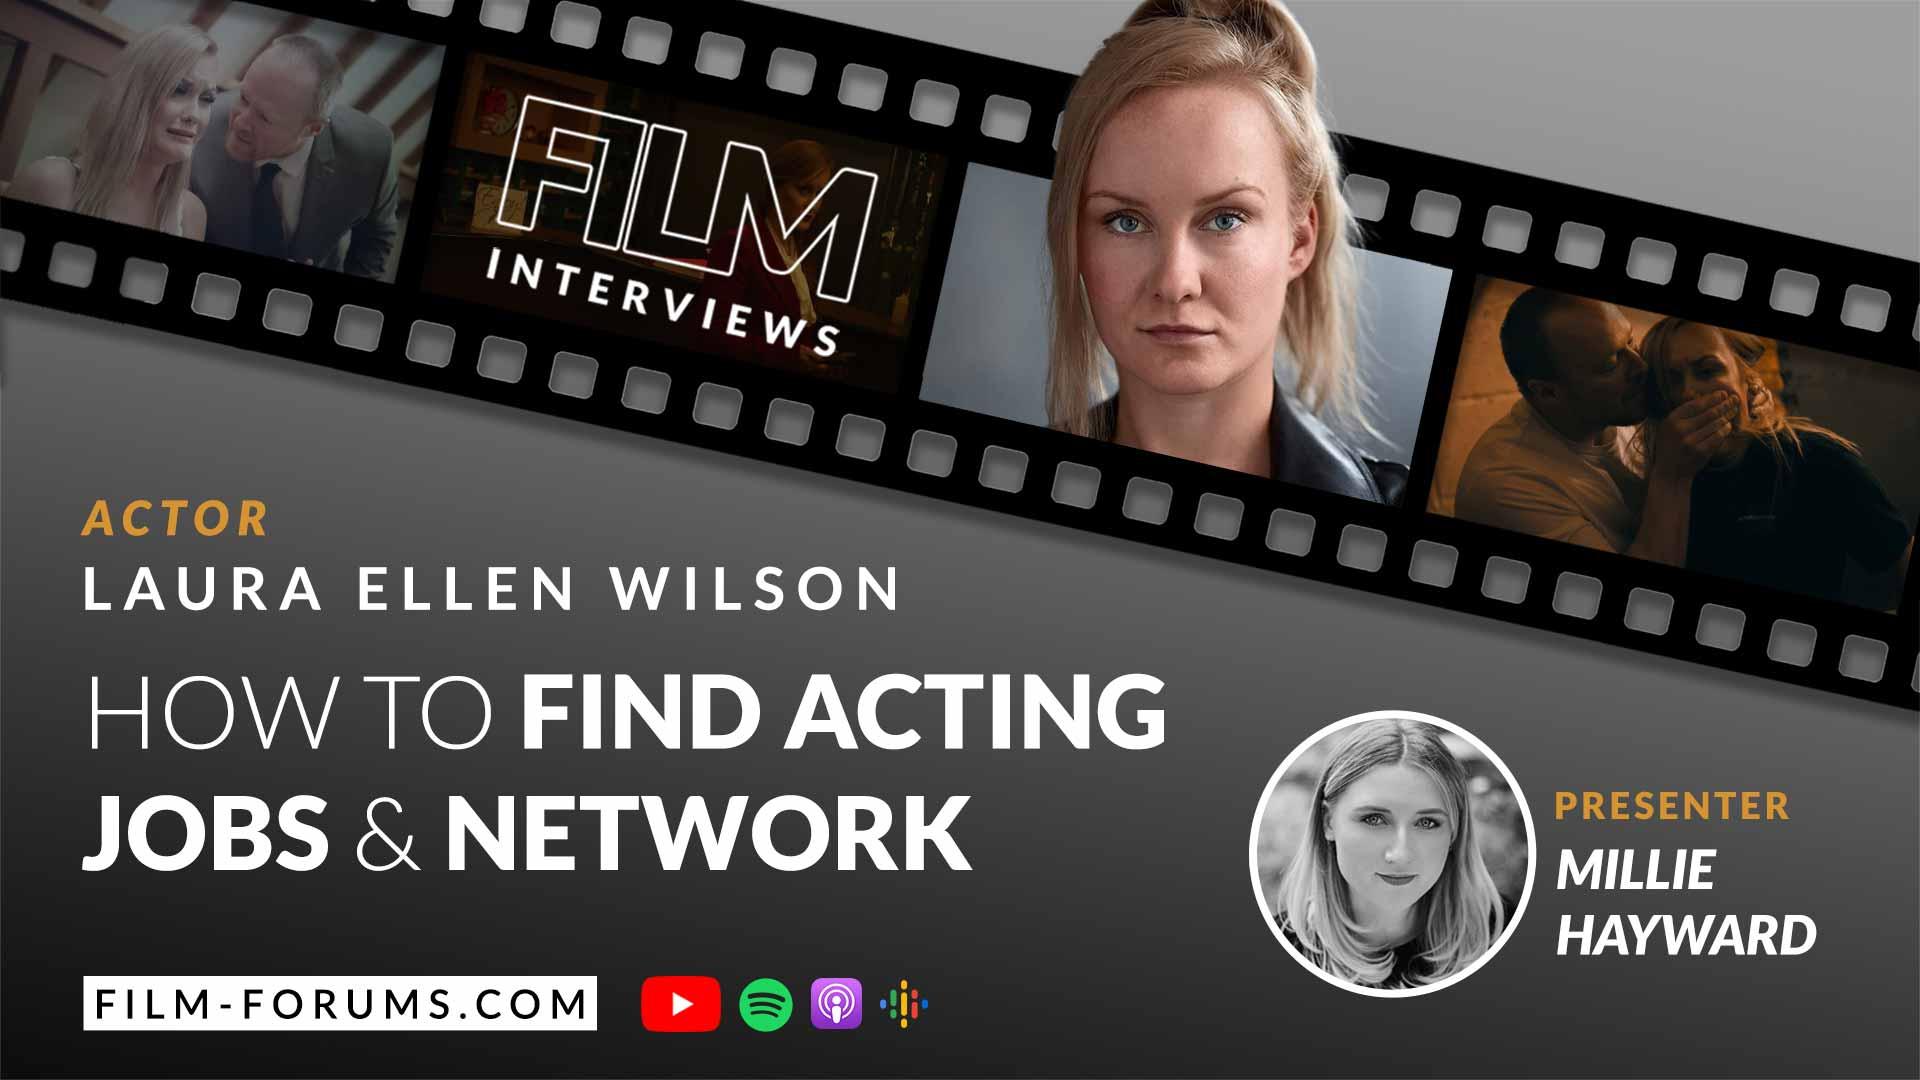 Laura Ellen Wilson, Actor